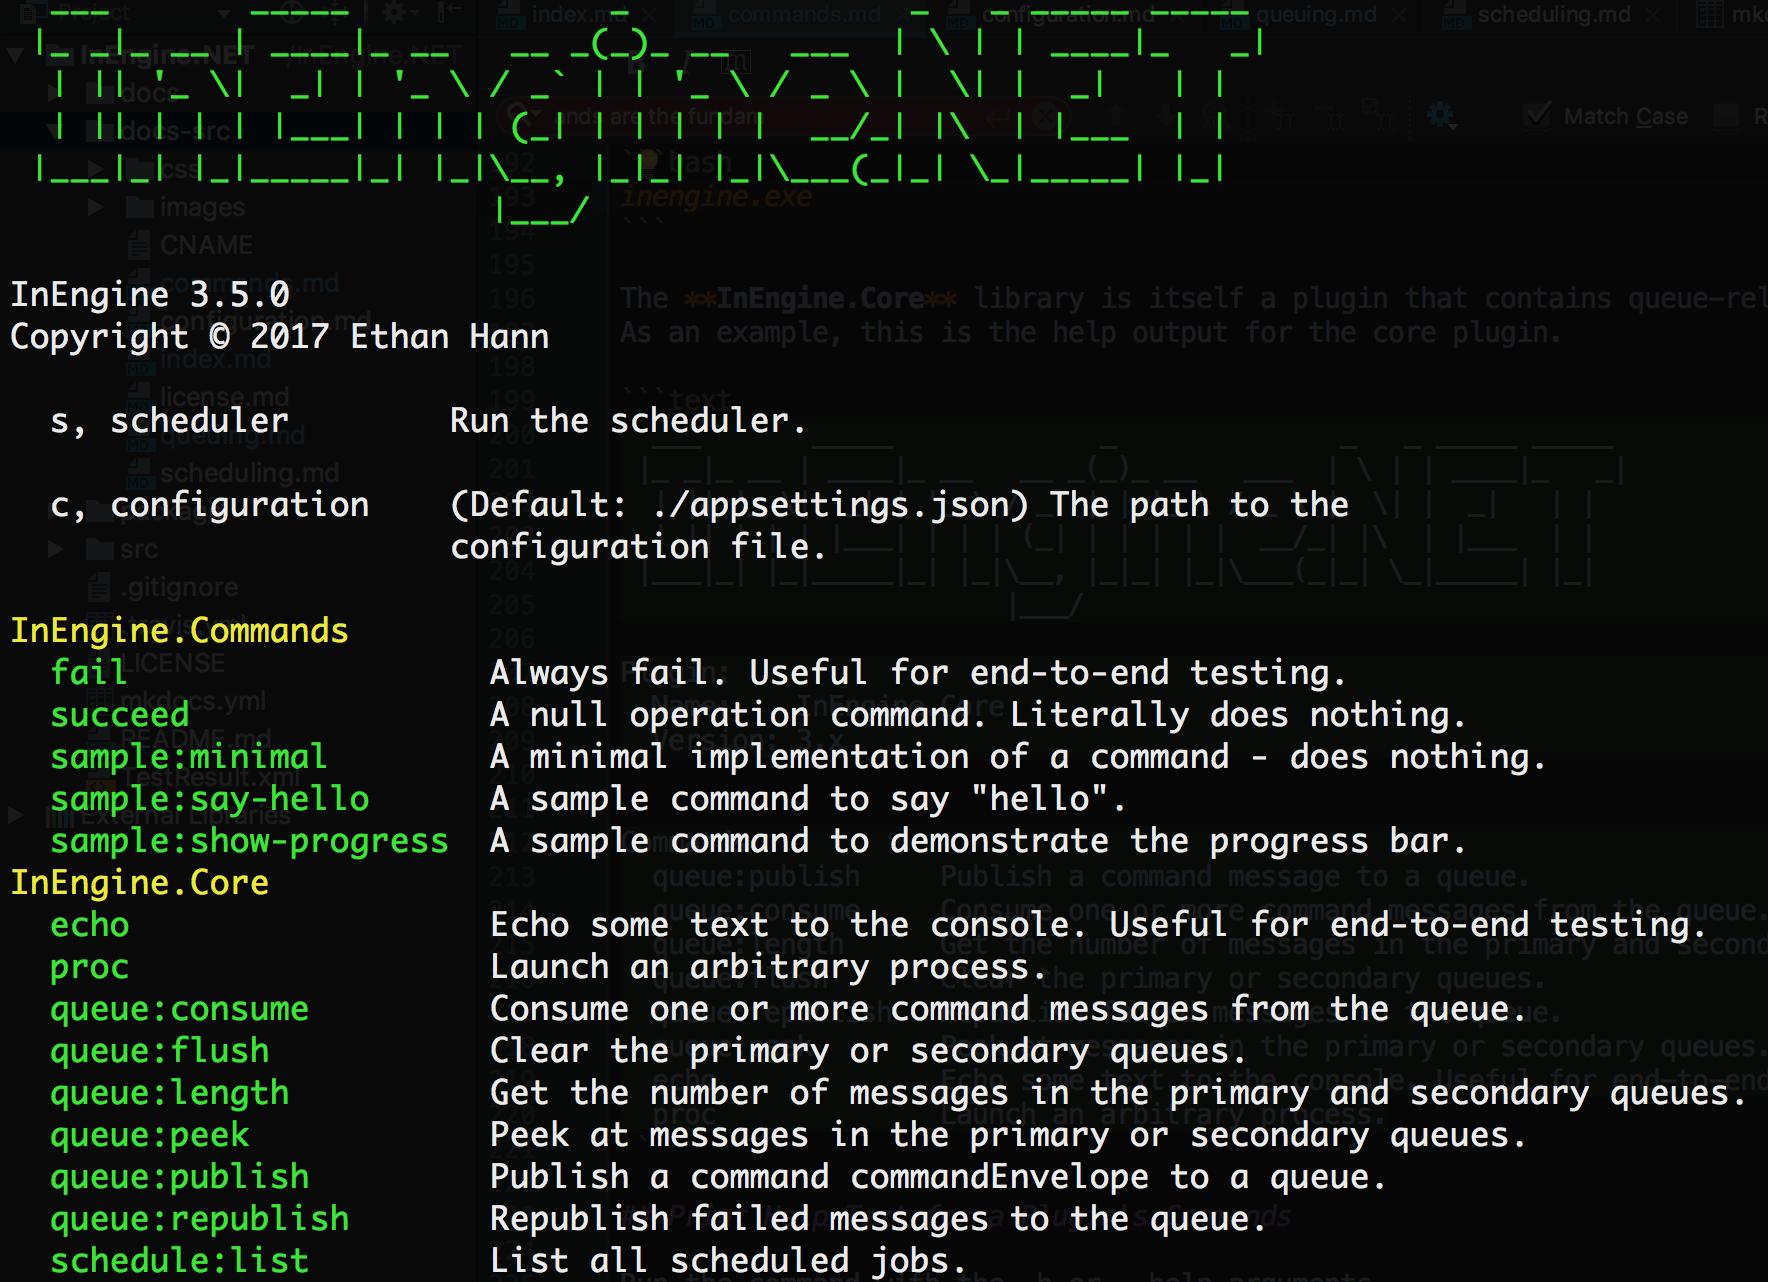 InEngine Command List